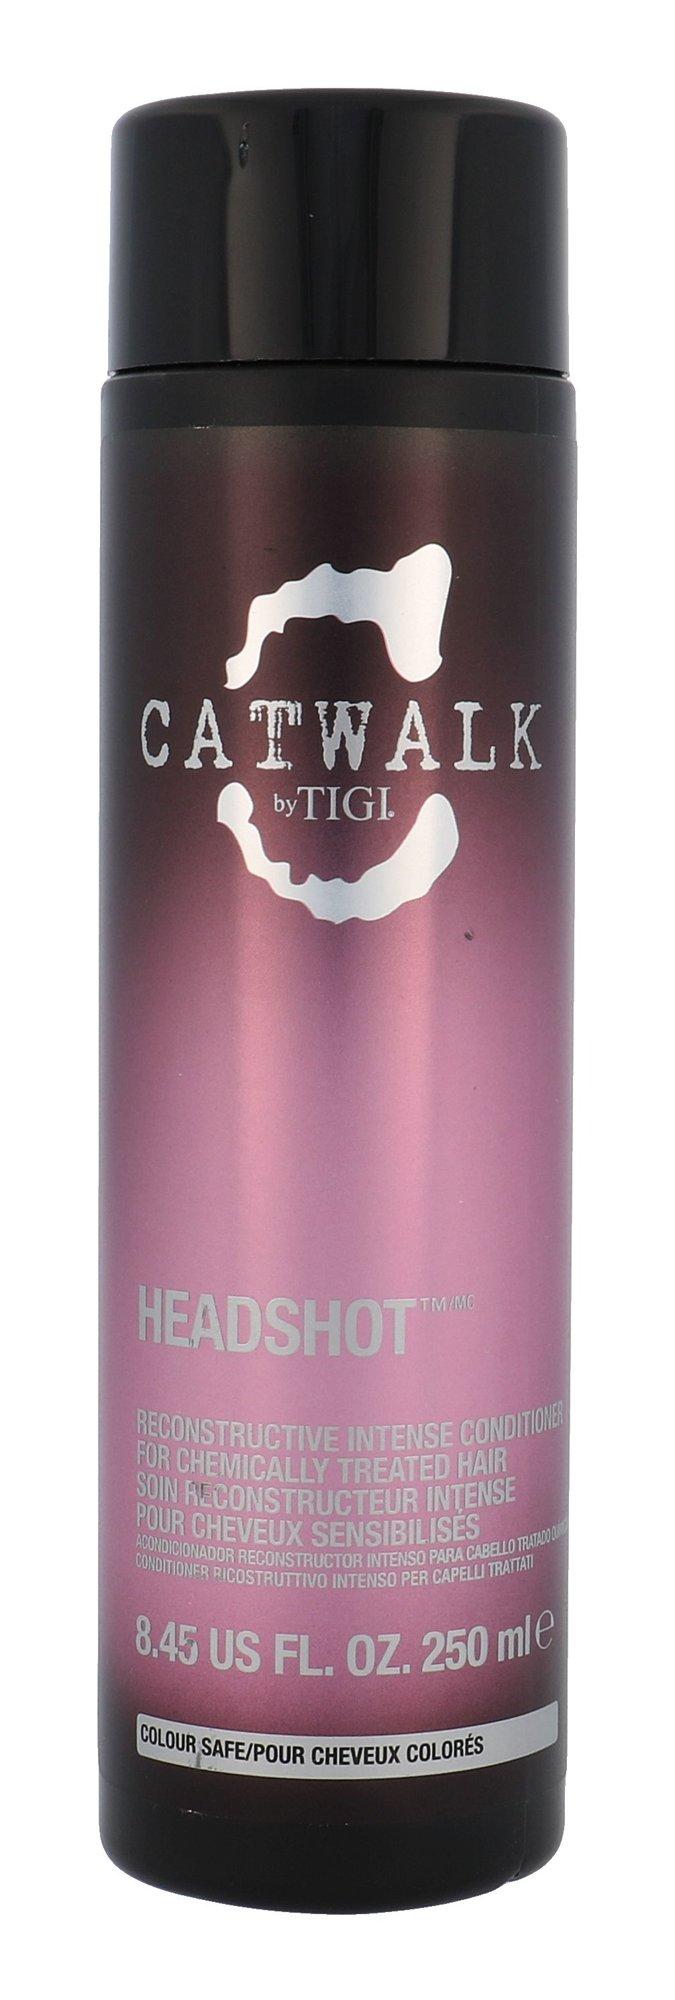 Plaukų kondicionierius Tigi Catwalk Headshot